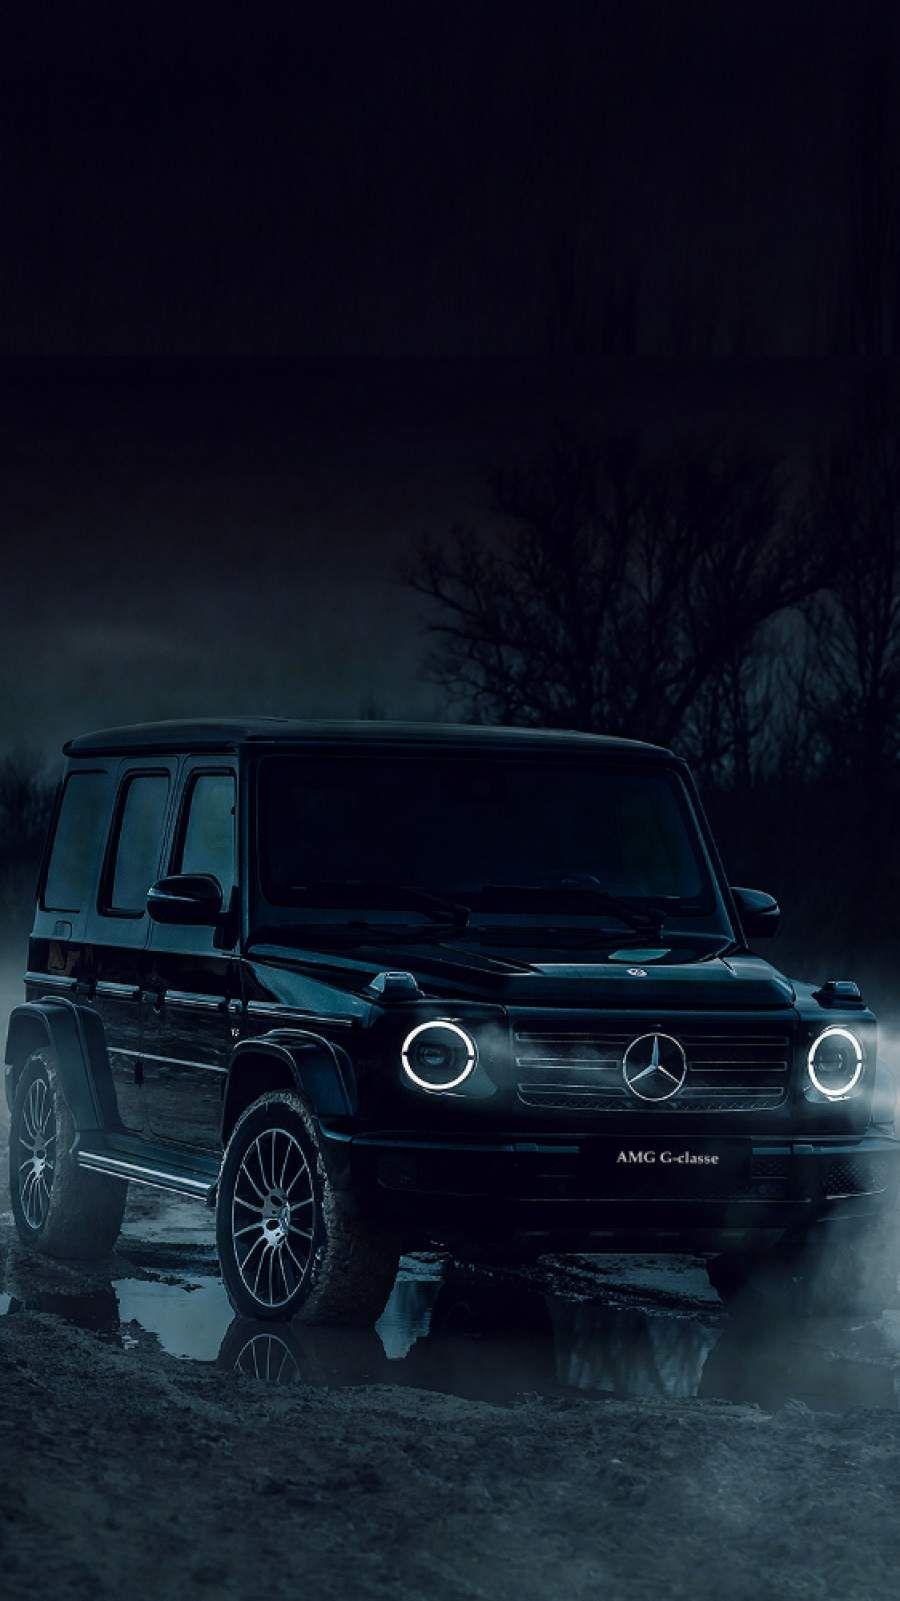 Read more at car and driver. Black G Wagon Iphone Wallpaper G Wagon Iphone Wallpaper Mercedes Benz Wallpaper G Wagon